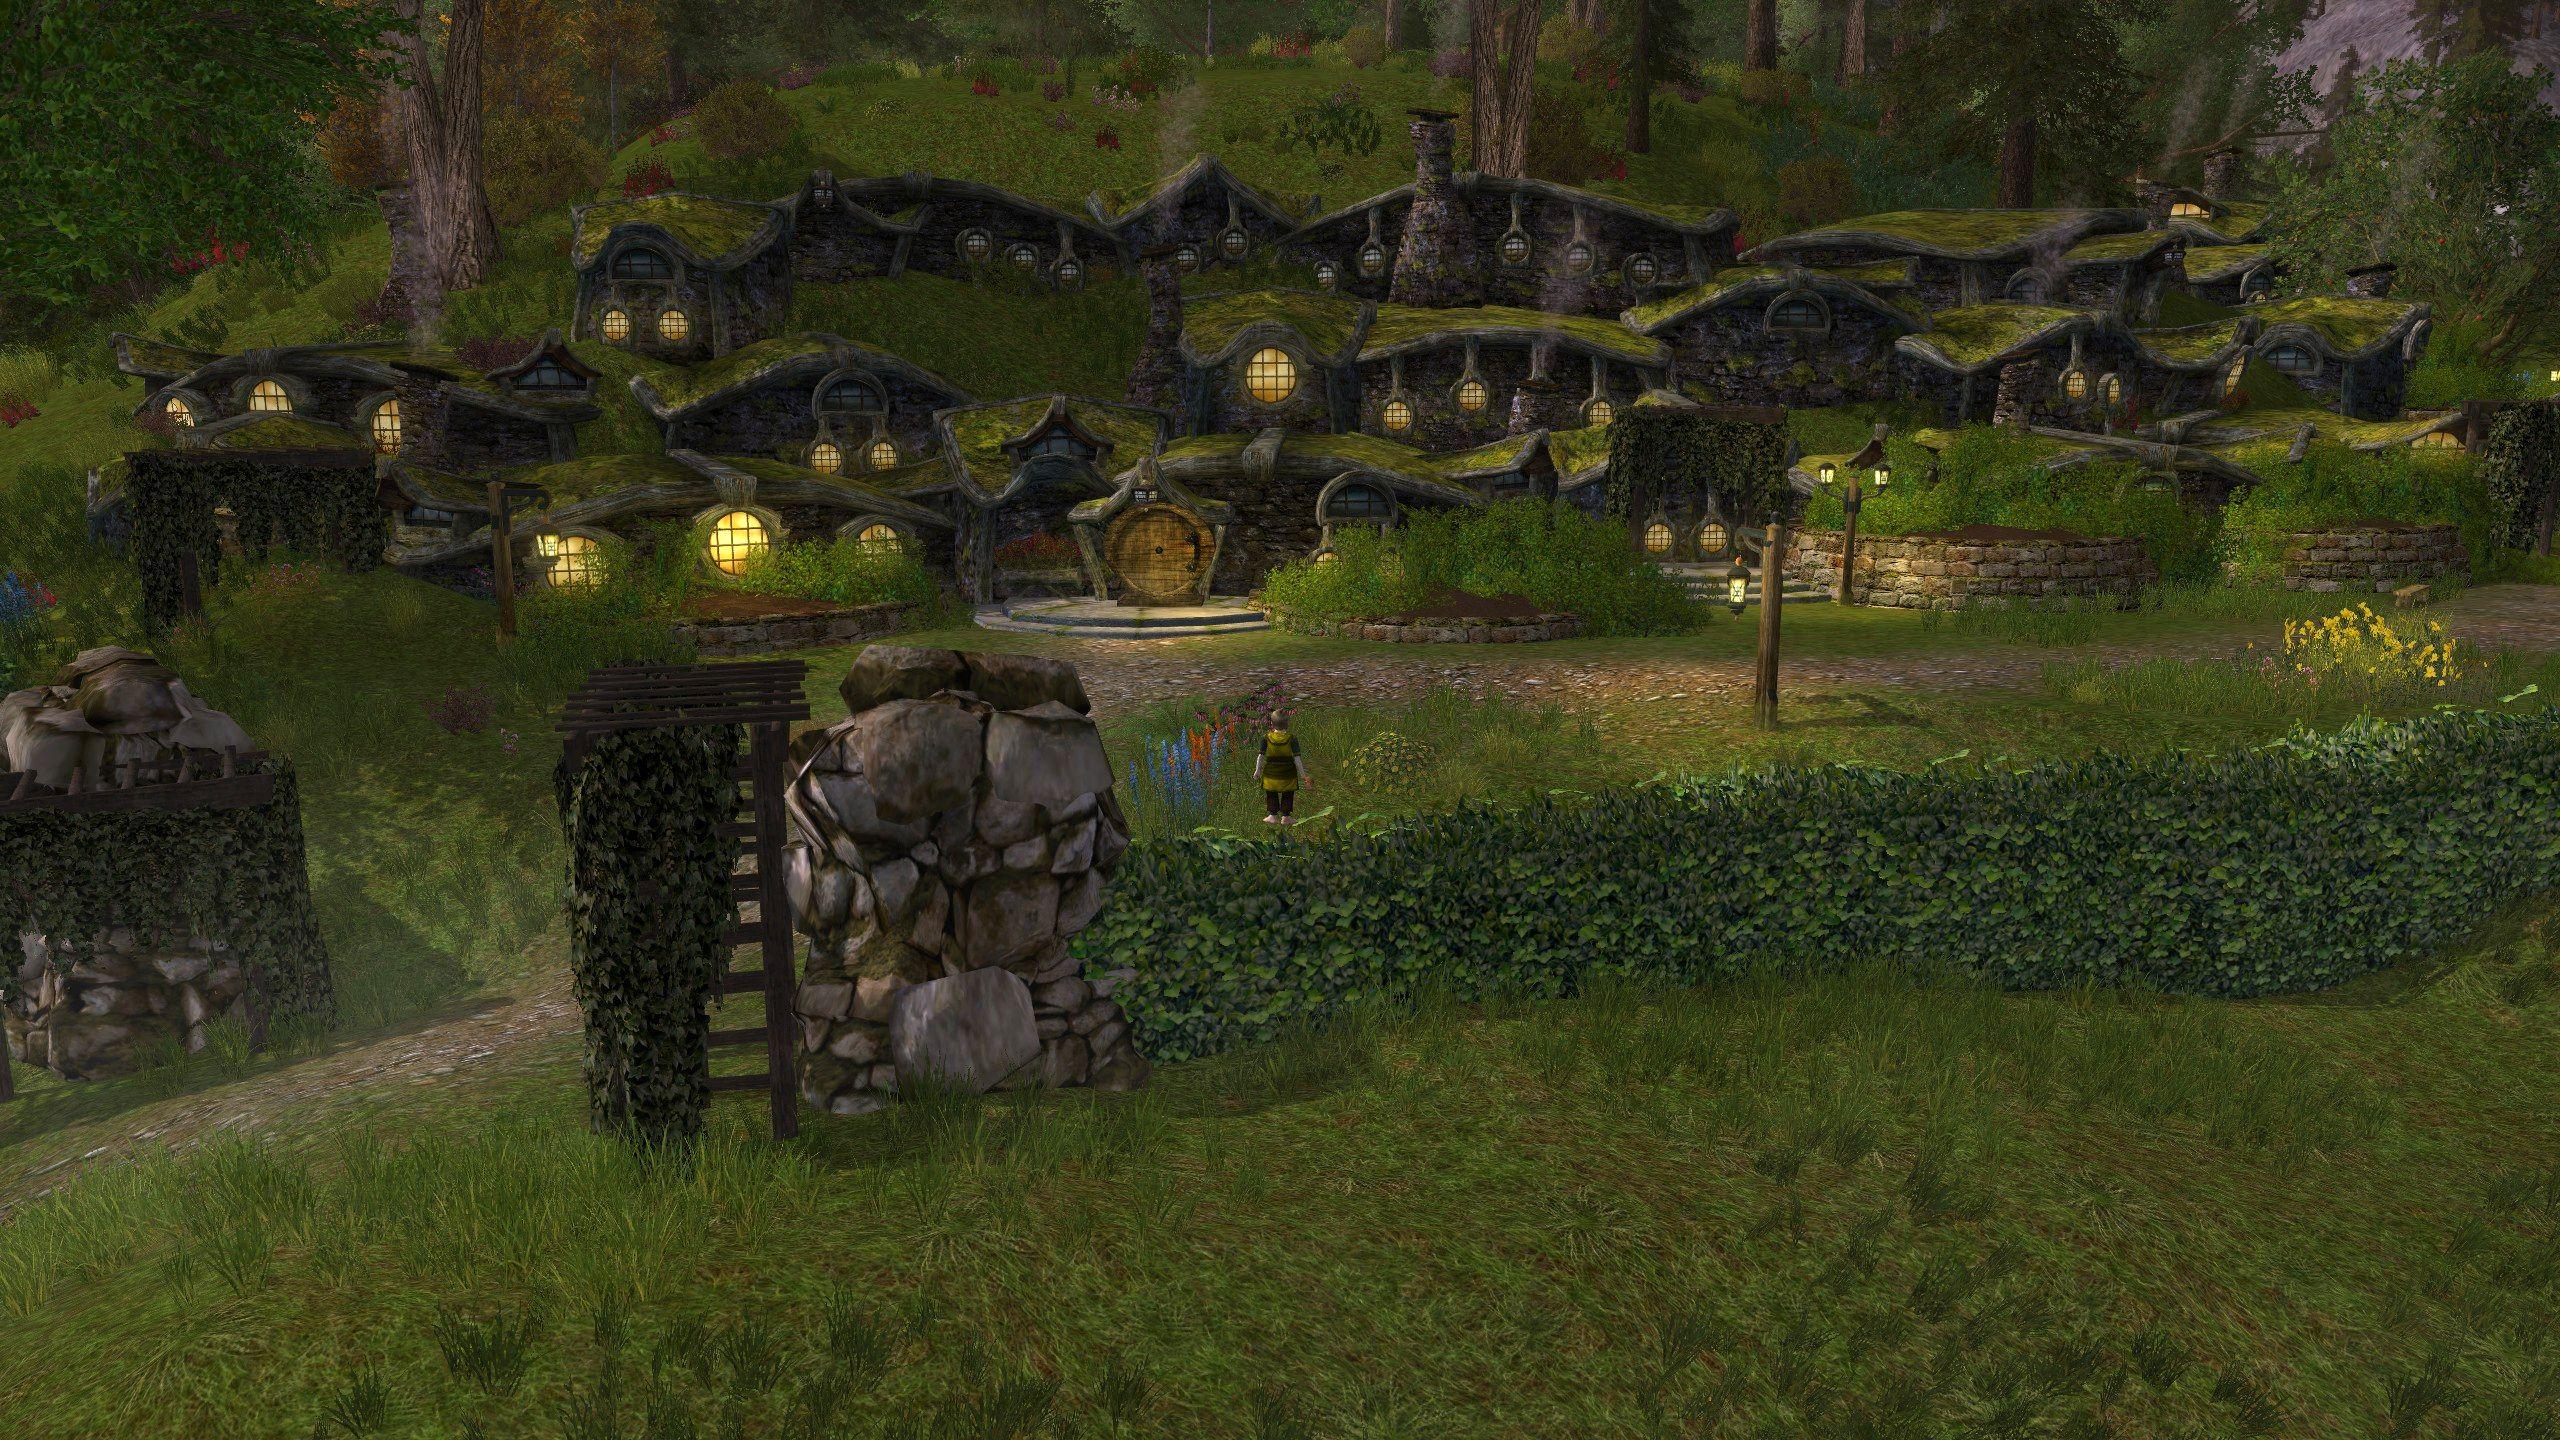 migliori migliori giochi gratis 2020 migliori MMO gratis migliori MMORPG gratis lord of the rings online LOTRO